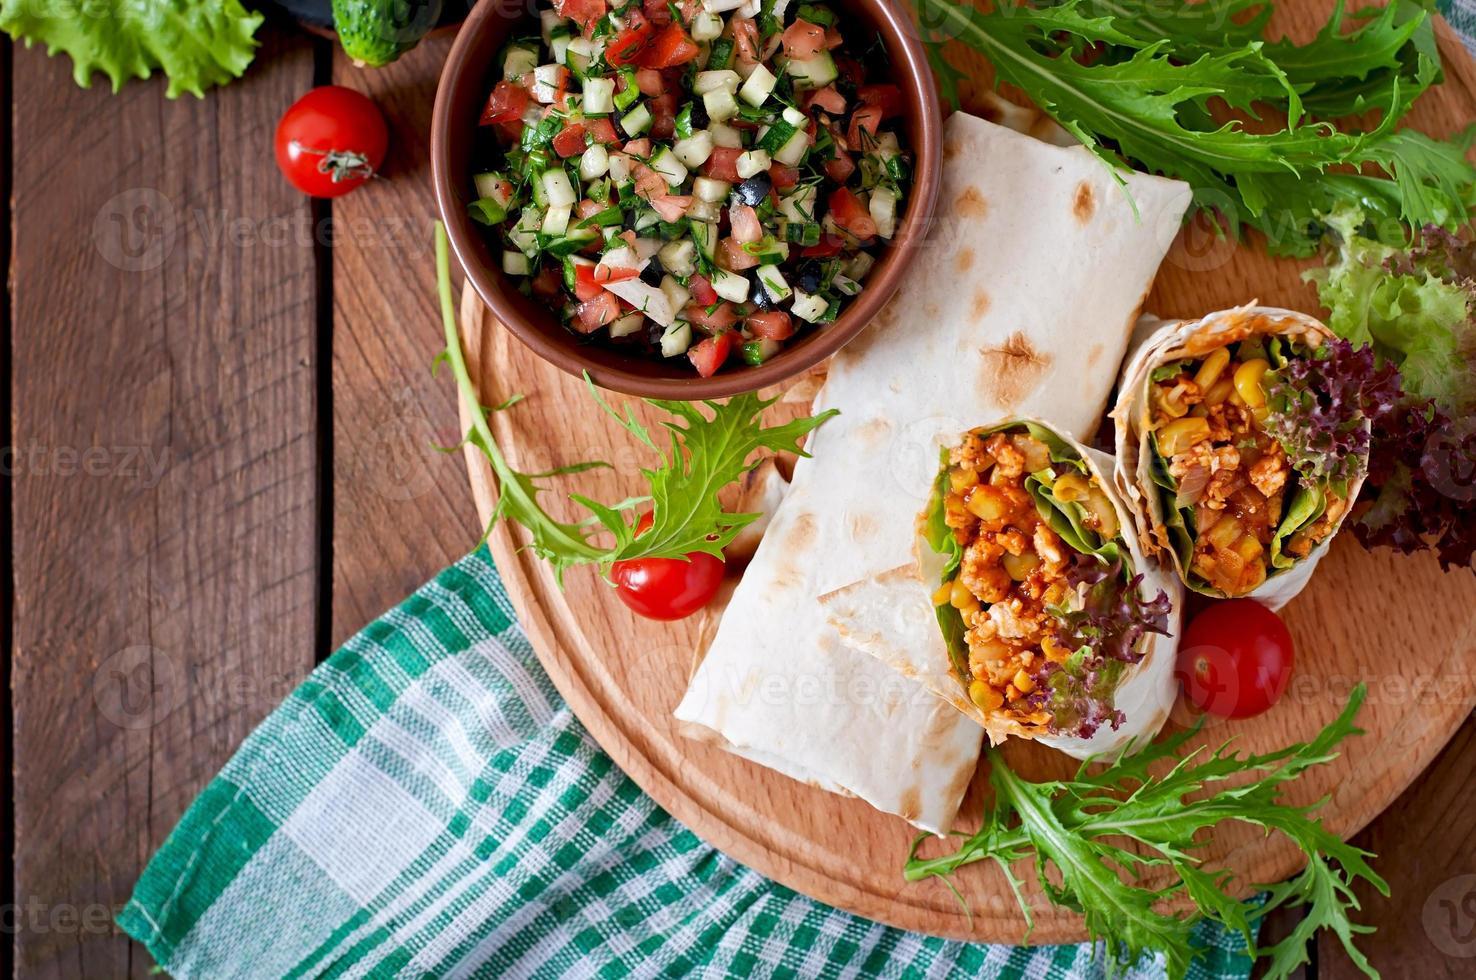 burritos com carne picada e legumes foto